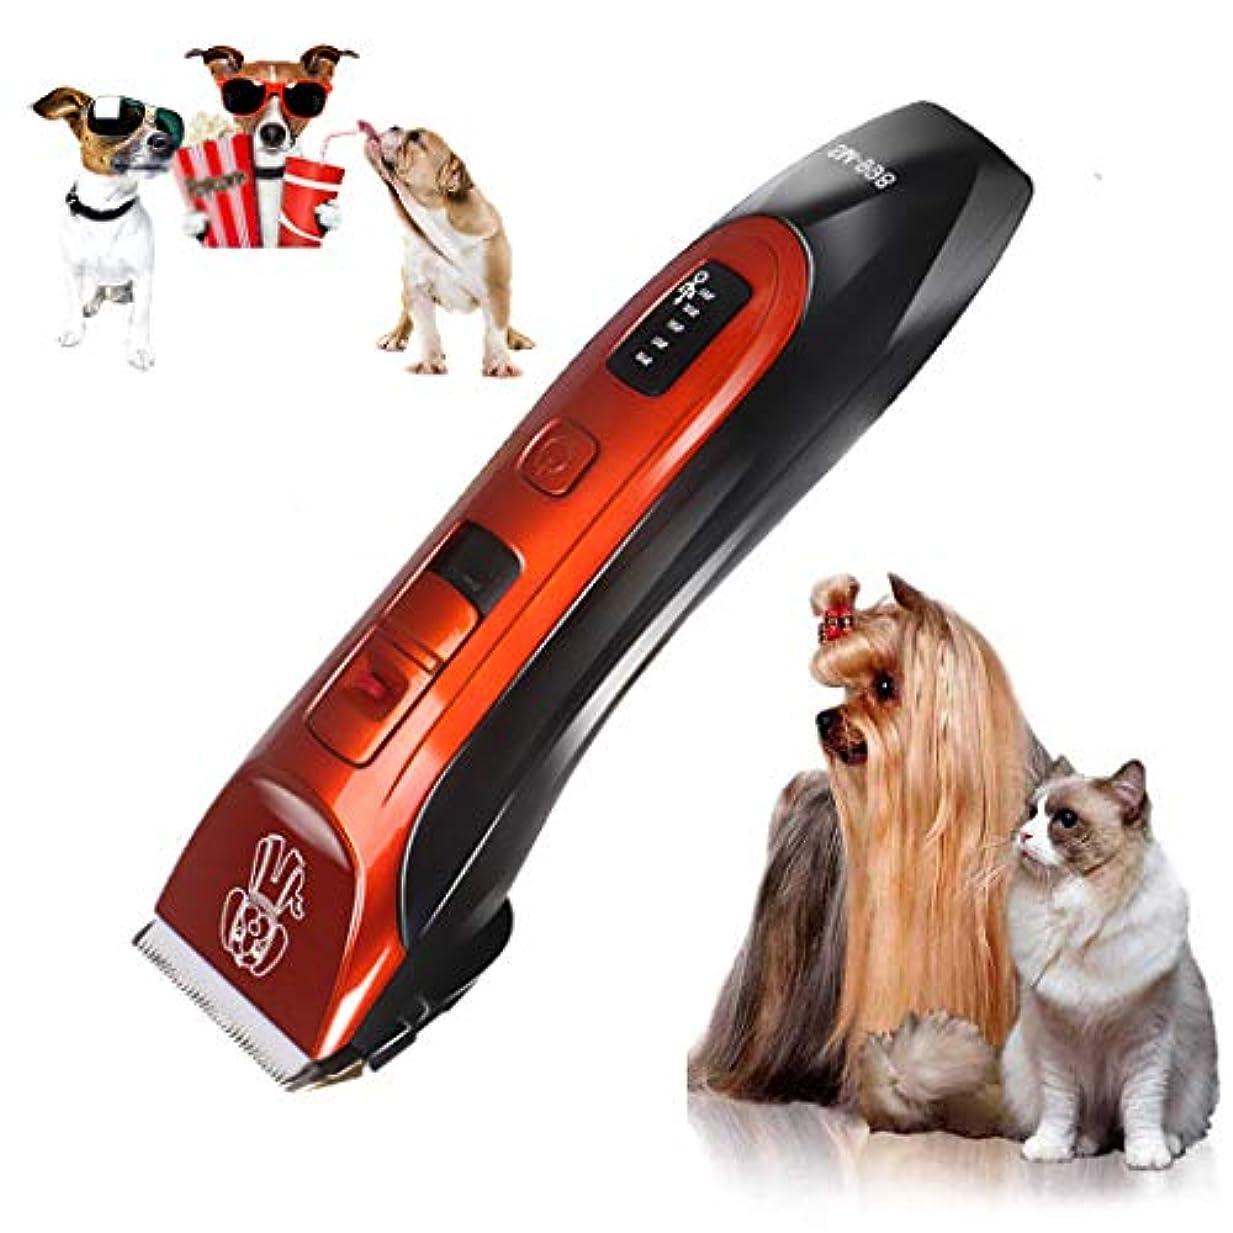 スライス会社適用する犬用バリカン、男性用および家庭用トリマー用の防水で静かなプロ用バリカンブレード